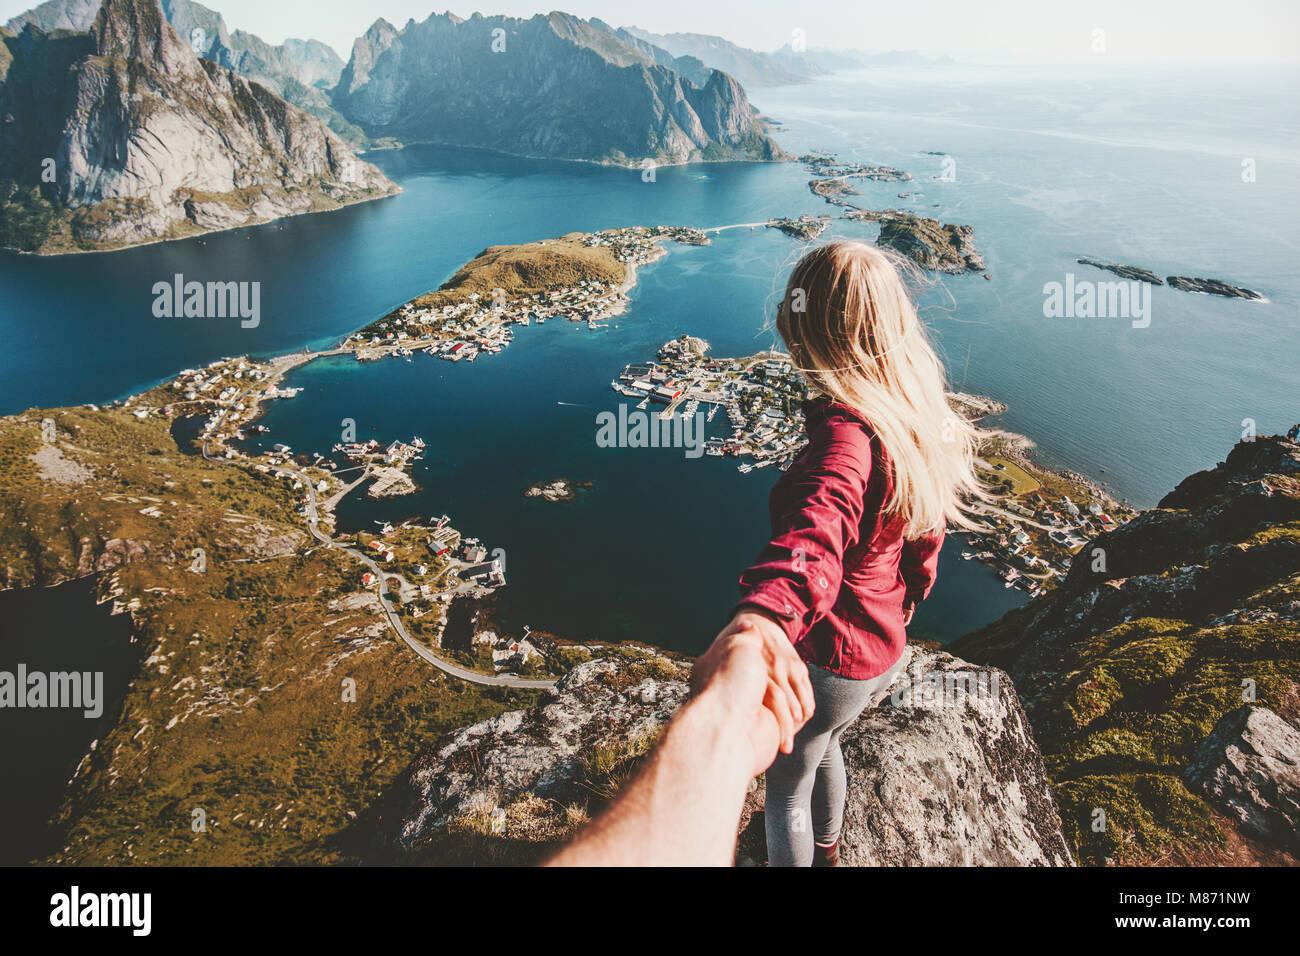 Viajar par siga manteniendo las manos sobre un acantilado en la montaña noruega concepto de estilo de vida Imagen De Stock